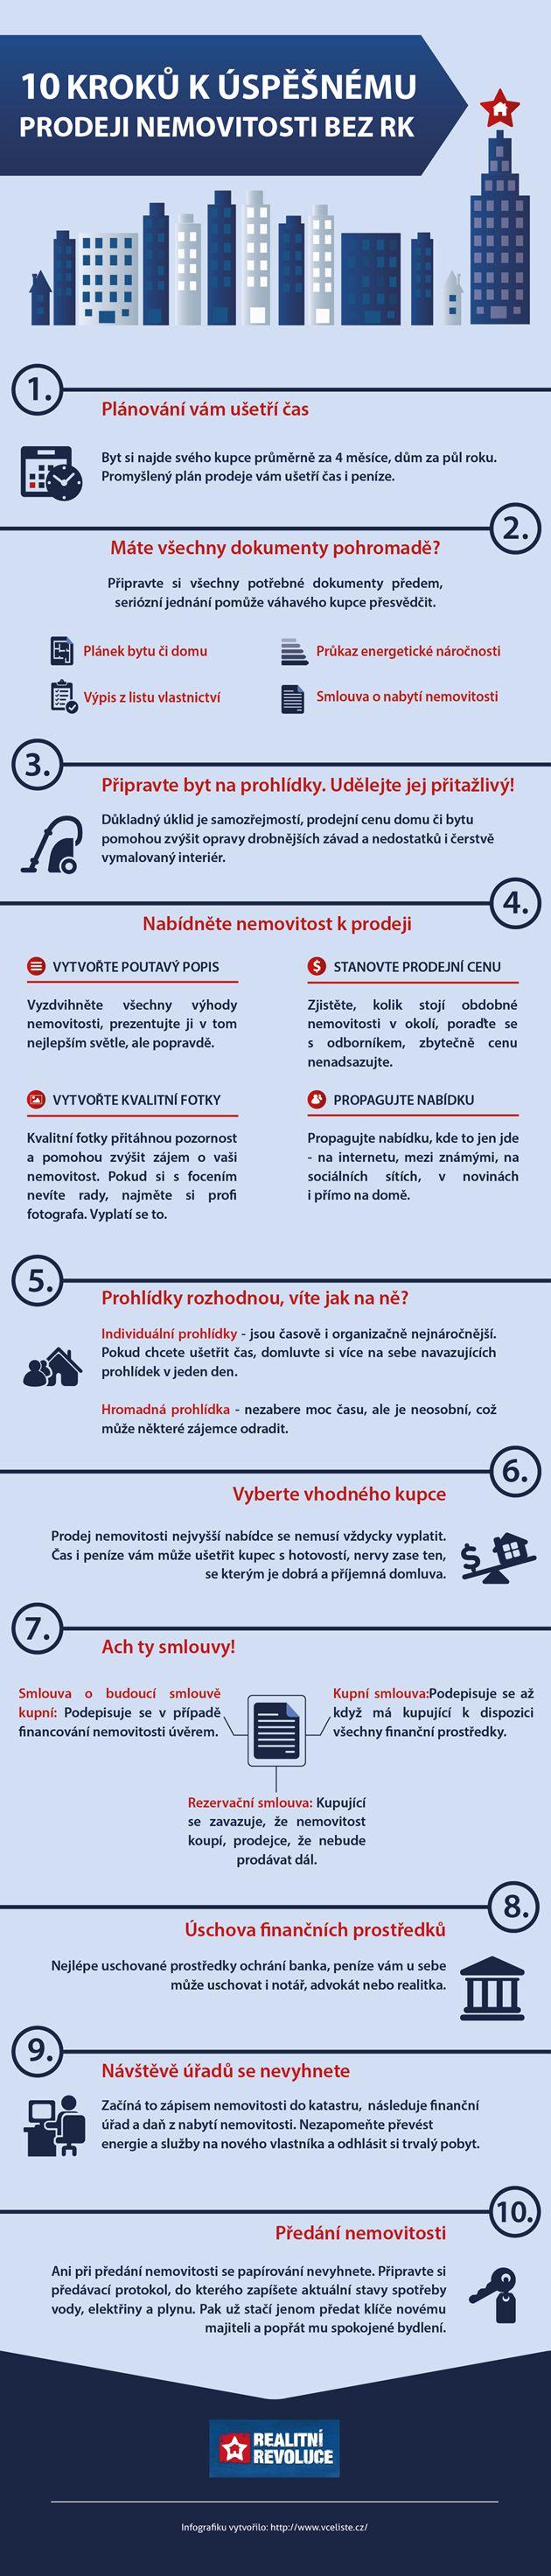 Infografika: 10 kroků k úspěšnému prodeji nemovitosti bez RK